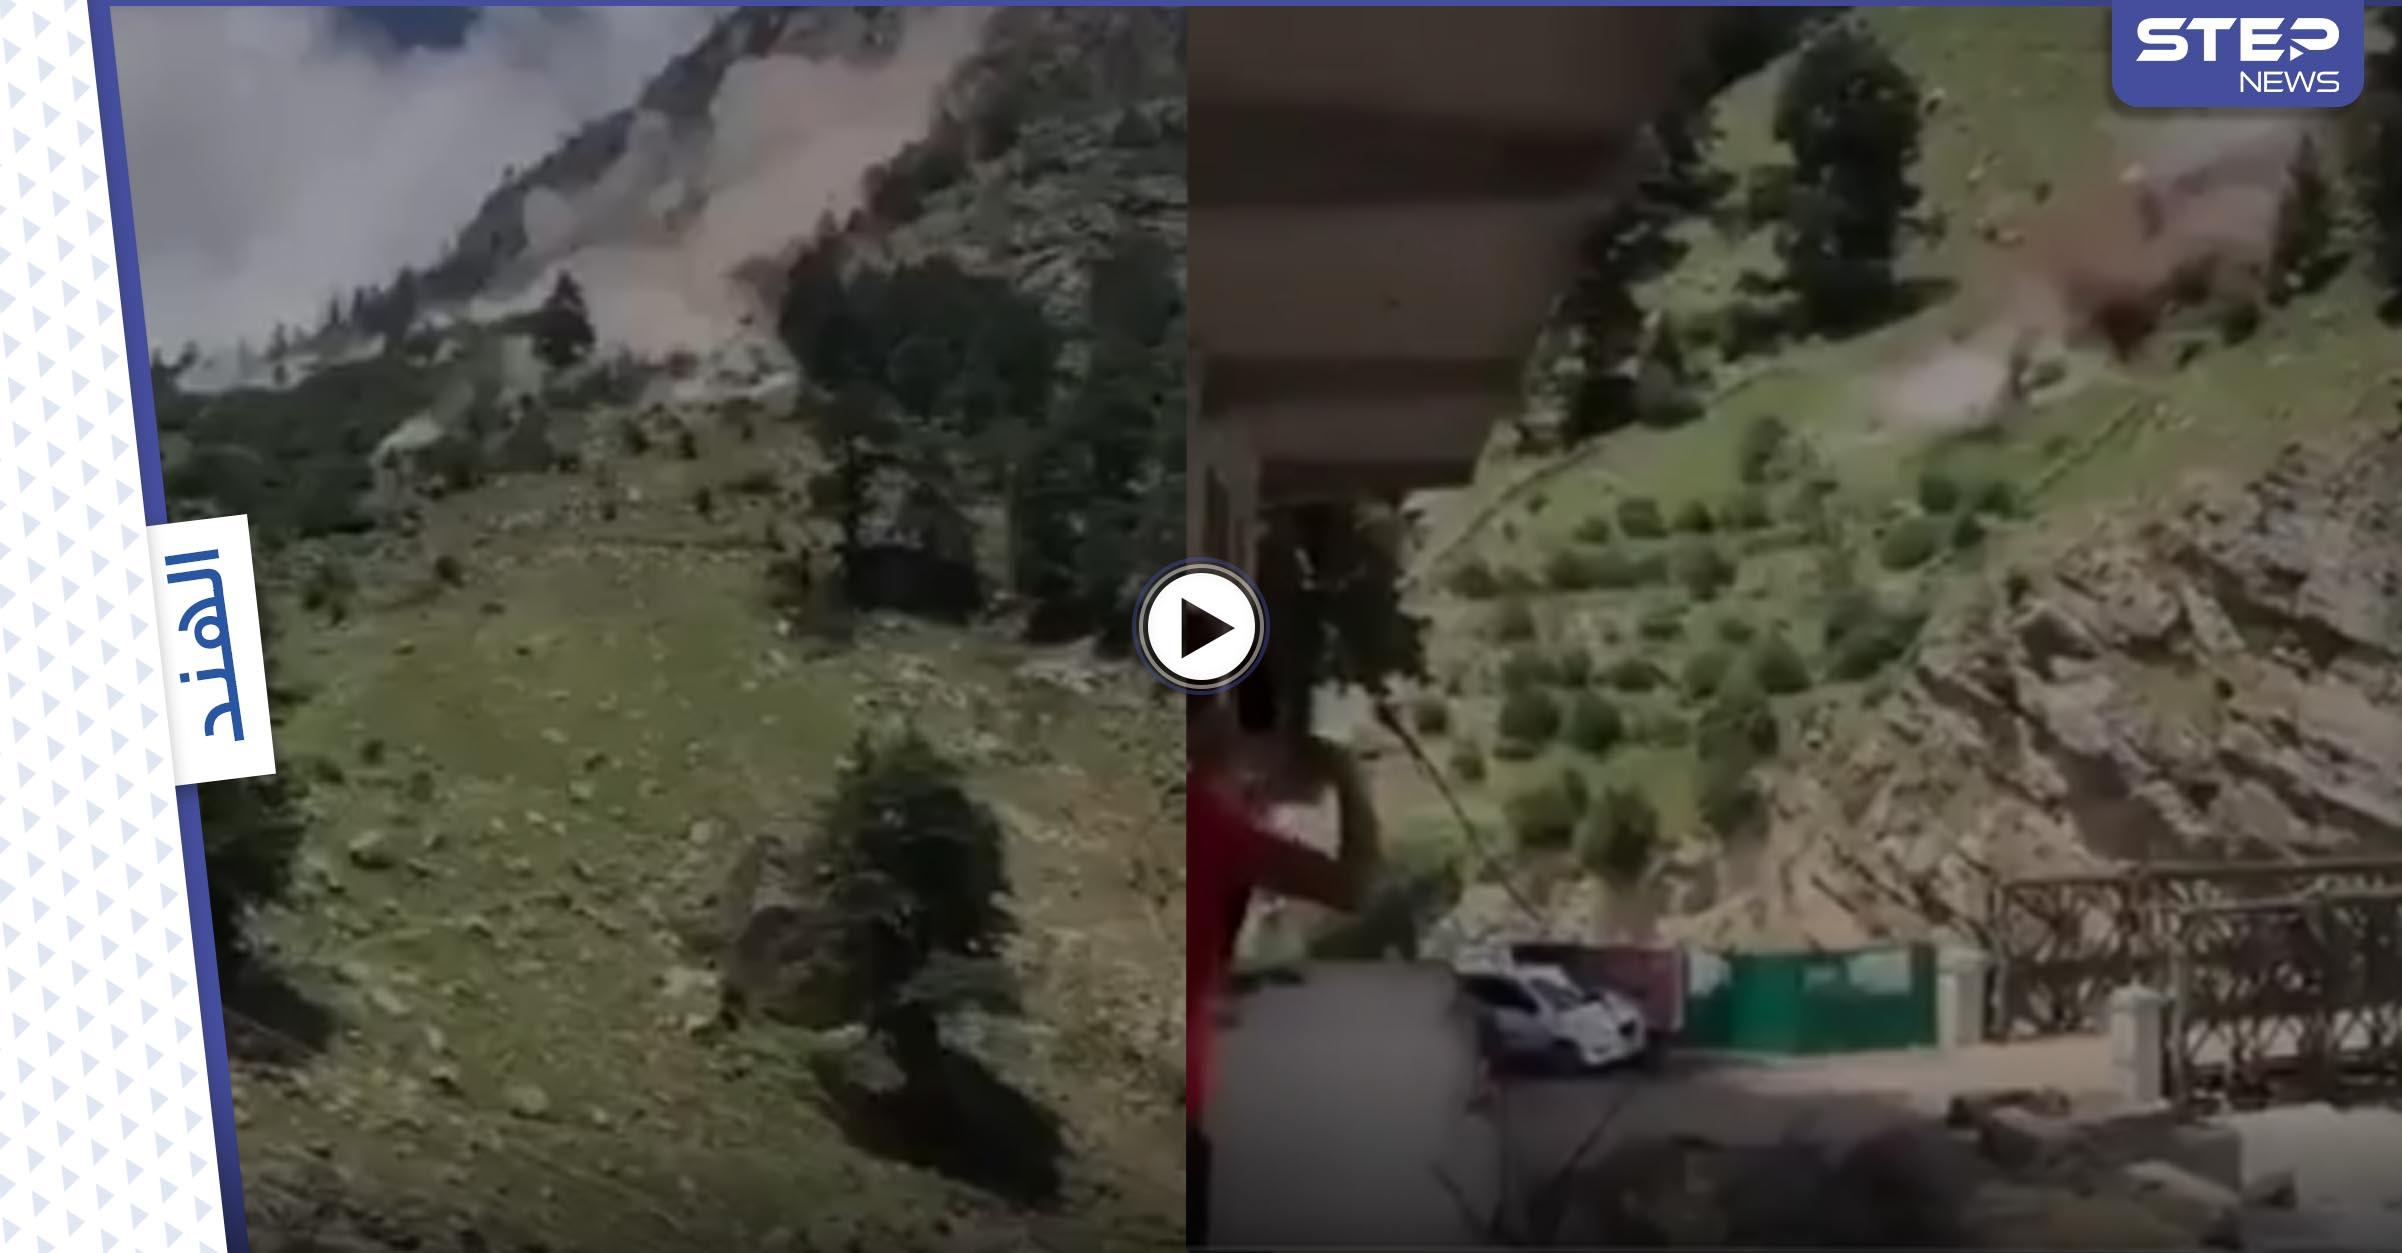 بالفيديو   انهيار صخري مرعب بالهند تسبب بدمار واسع ومقتل 9 أشخاص وتدمير جسر